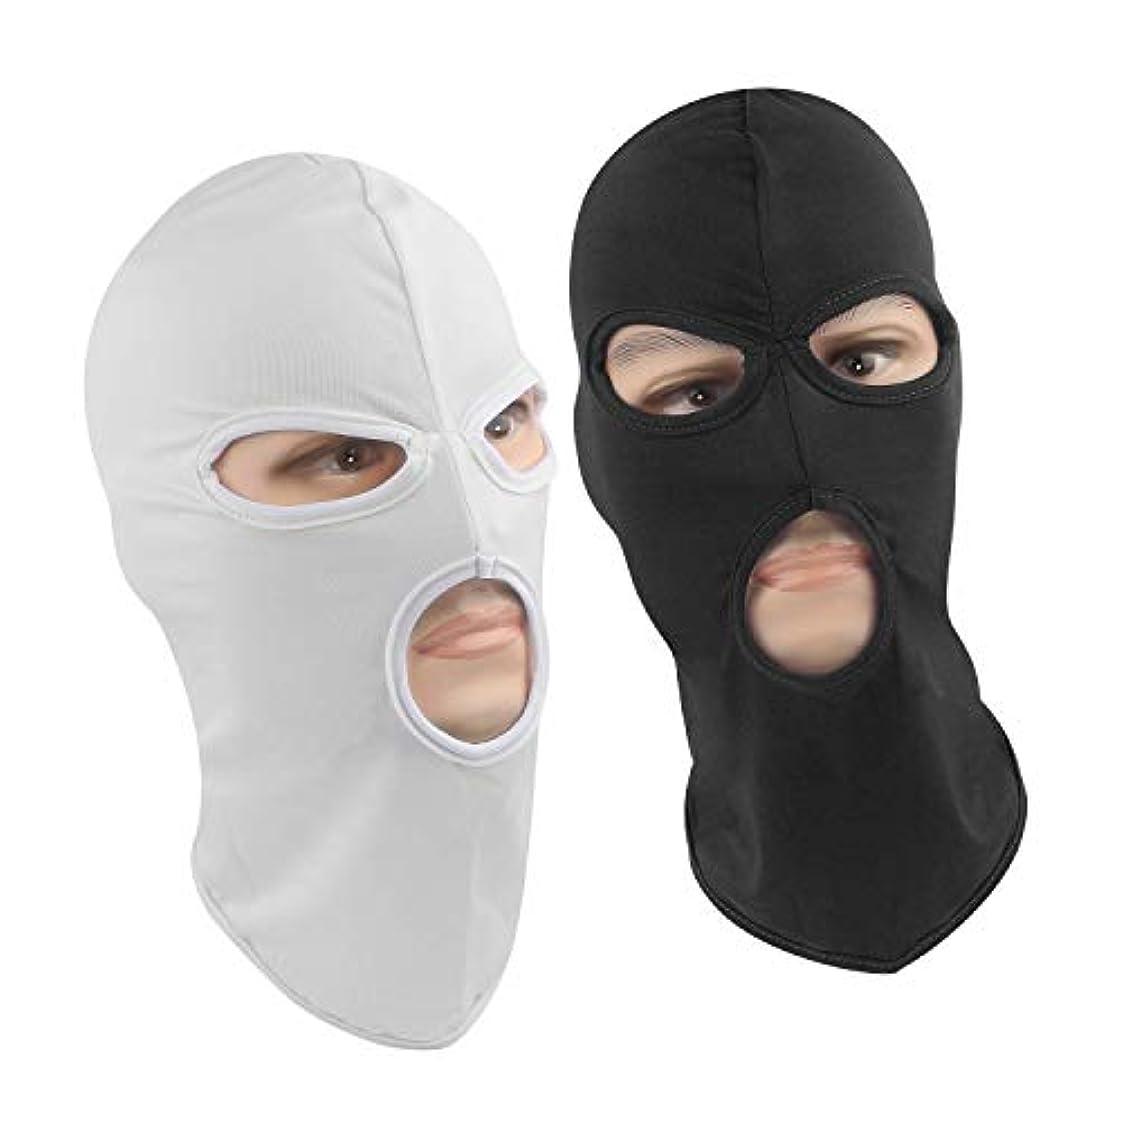 晴れ属性先例バラクラバマスク3ホール式 伸縮速乾 柔軟軽量 保温通気 UVカット 防風 フルフェイスマスク,ブラック+白,2個